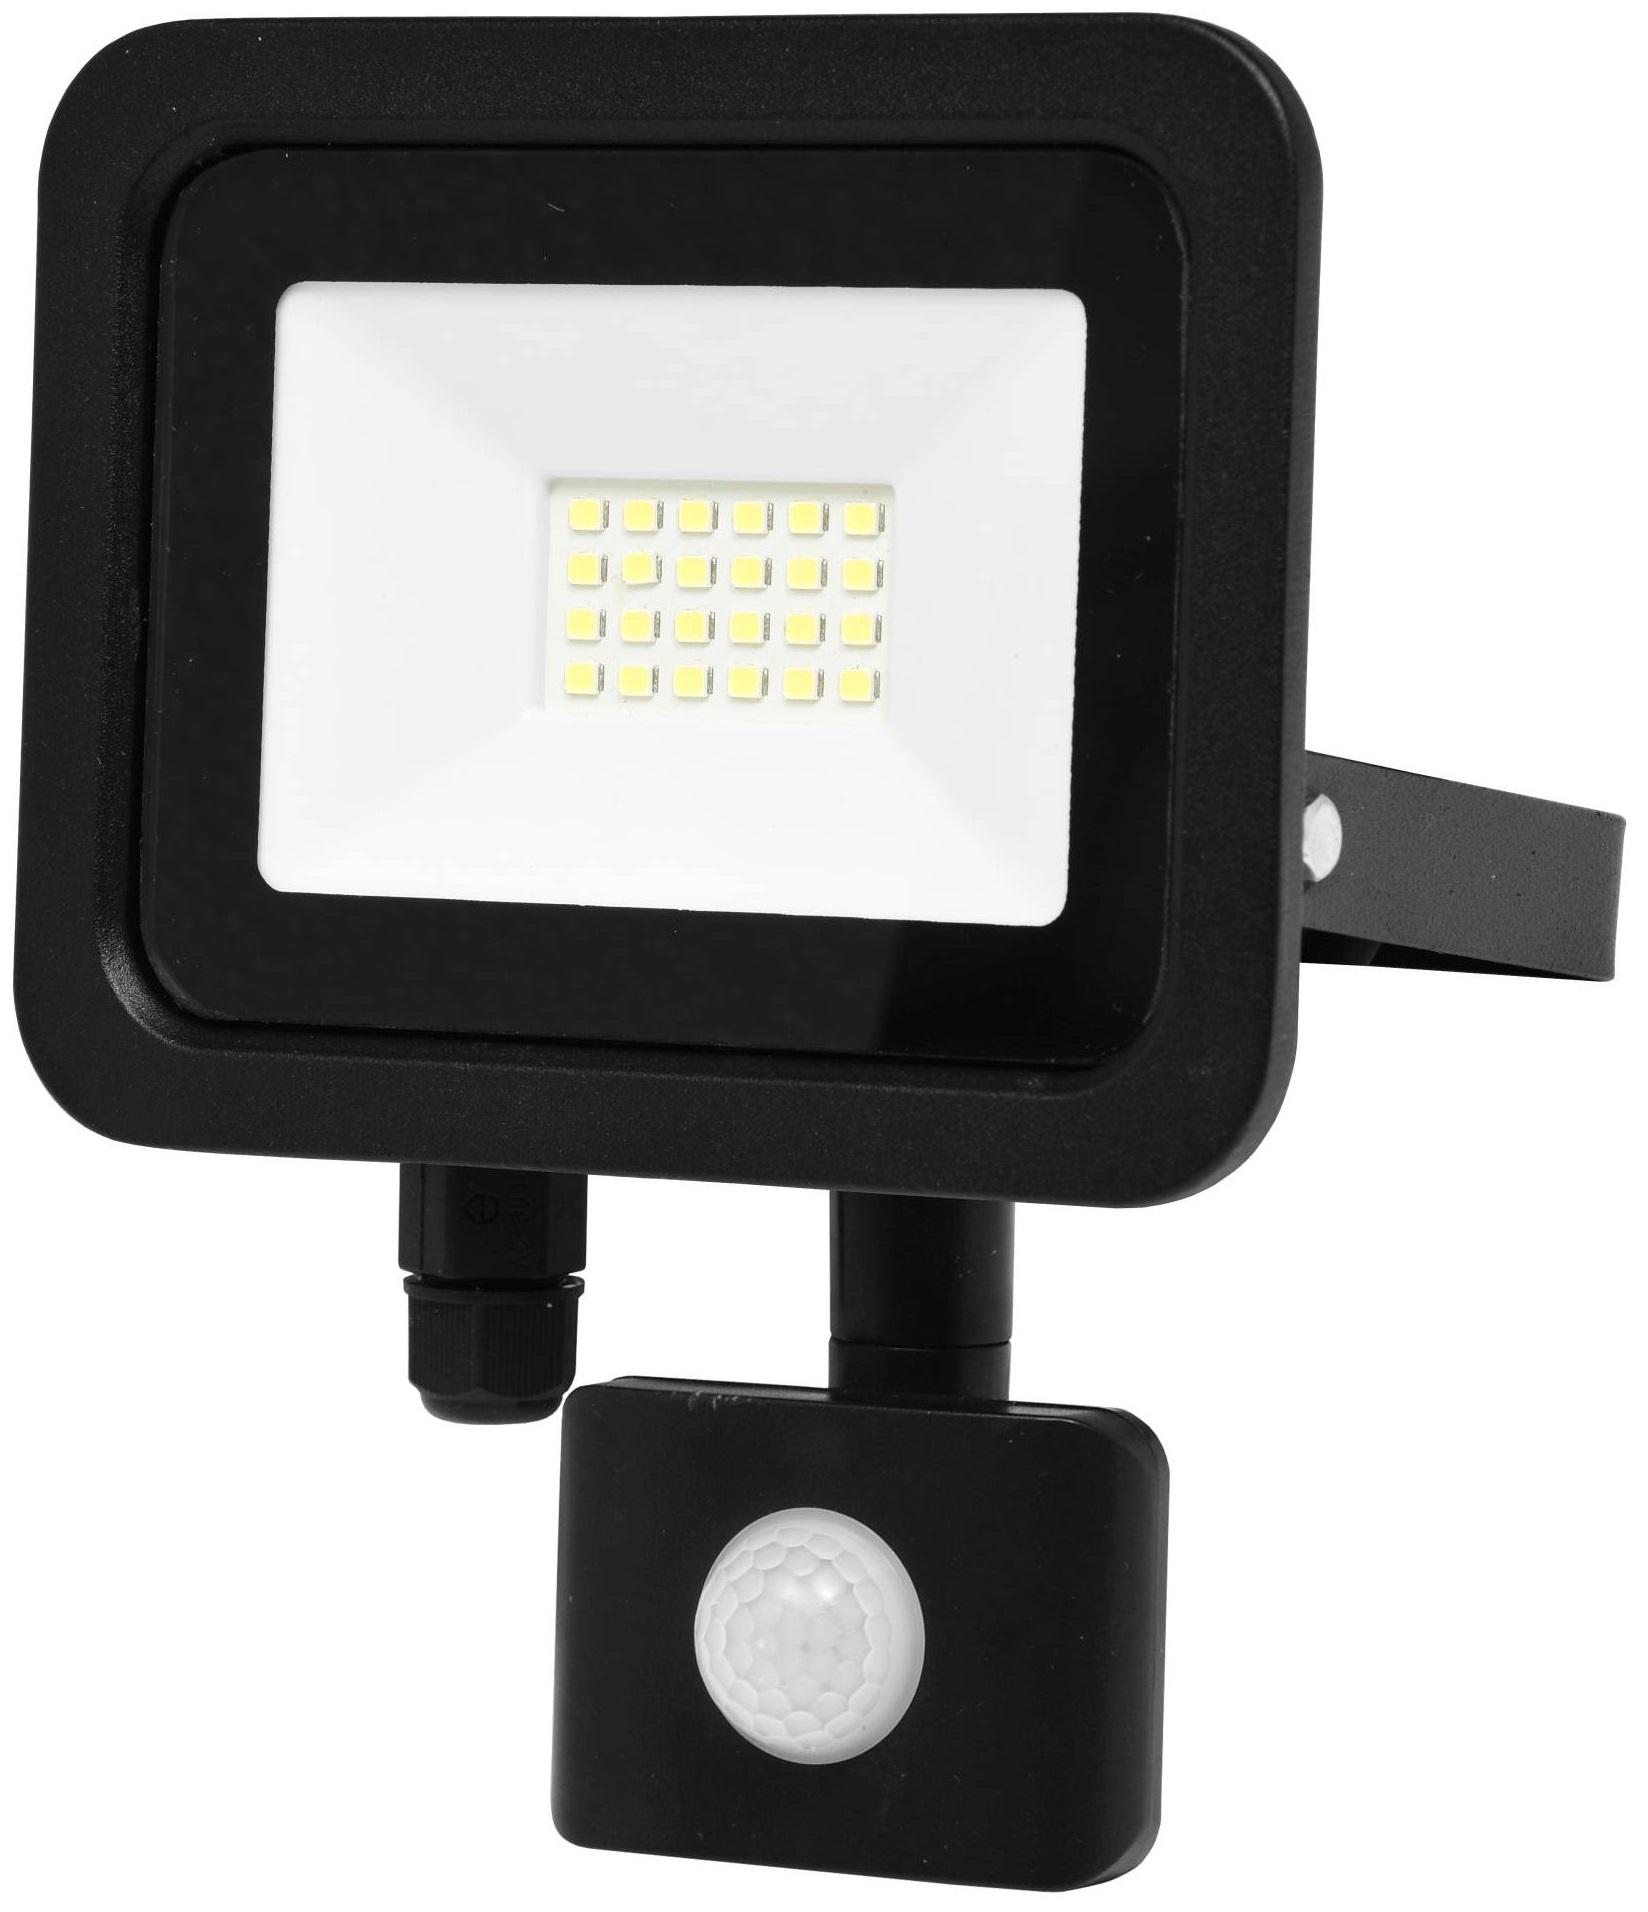 Ecolite Černý LED reflektor 20W s pohybovým čidlem RLED48WL-20W/PIR